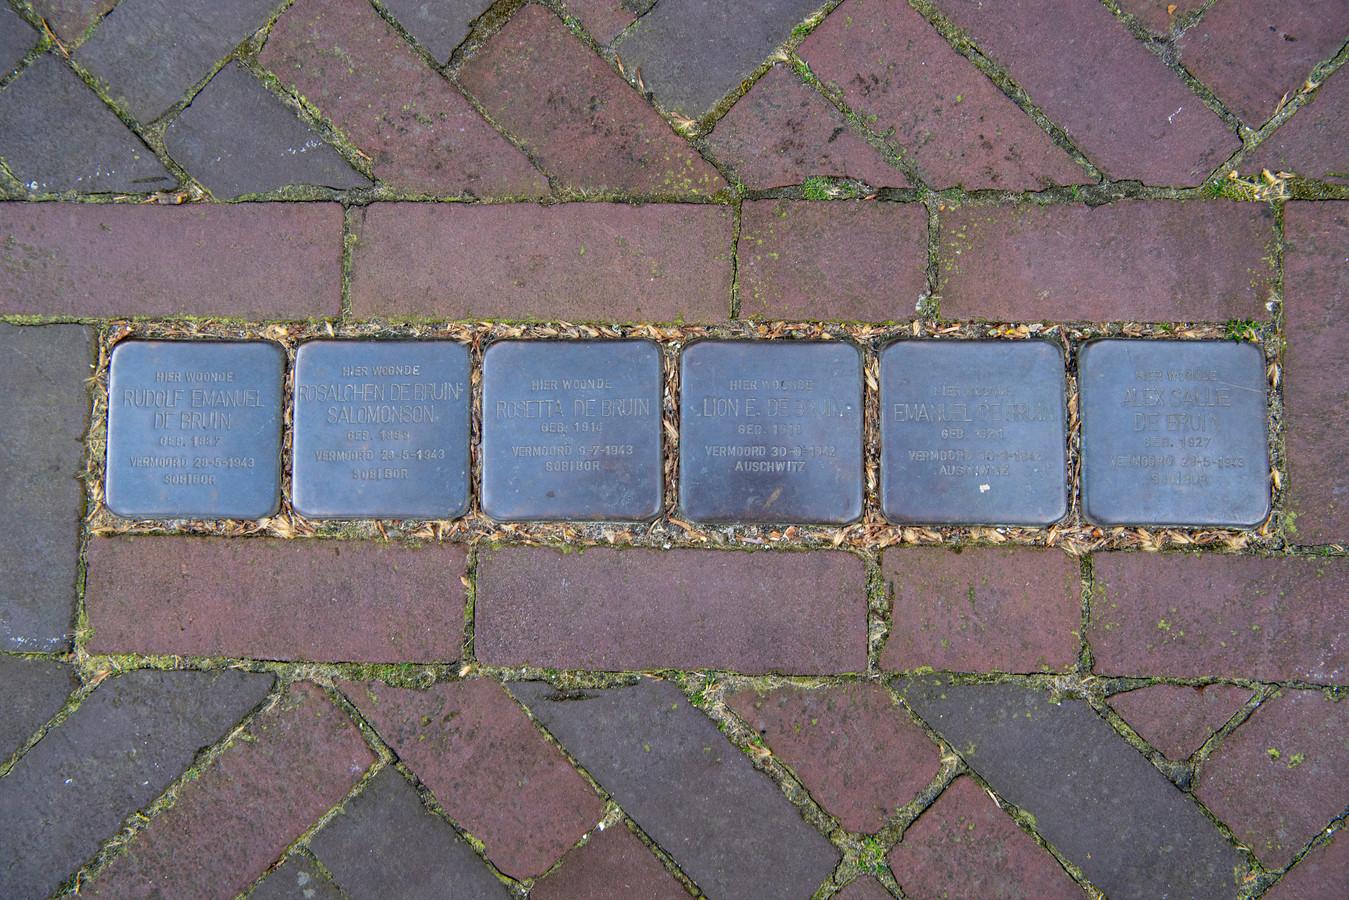 Stolpersteine voor de winkel aan de Voorstraat 8-10 in Hardenberg herinneren aan de Joodse familie De Bruin, die werd opgepakt en vermoord in vernietigingskampen. Hier op deze plek woonden en werkten ze. Hun bezittingen werden afgepakt door de bezetters.